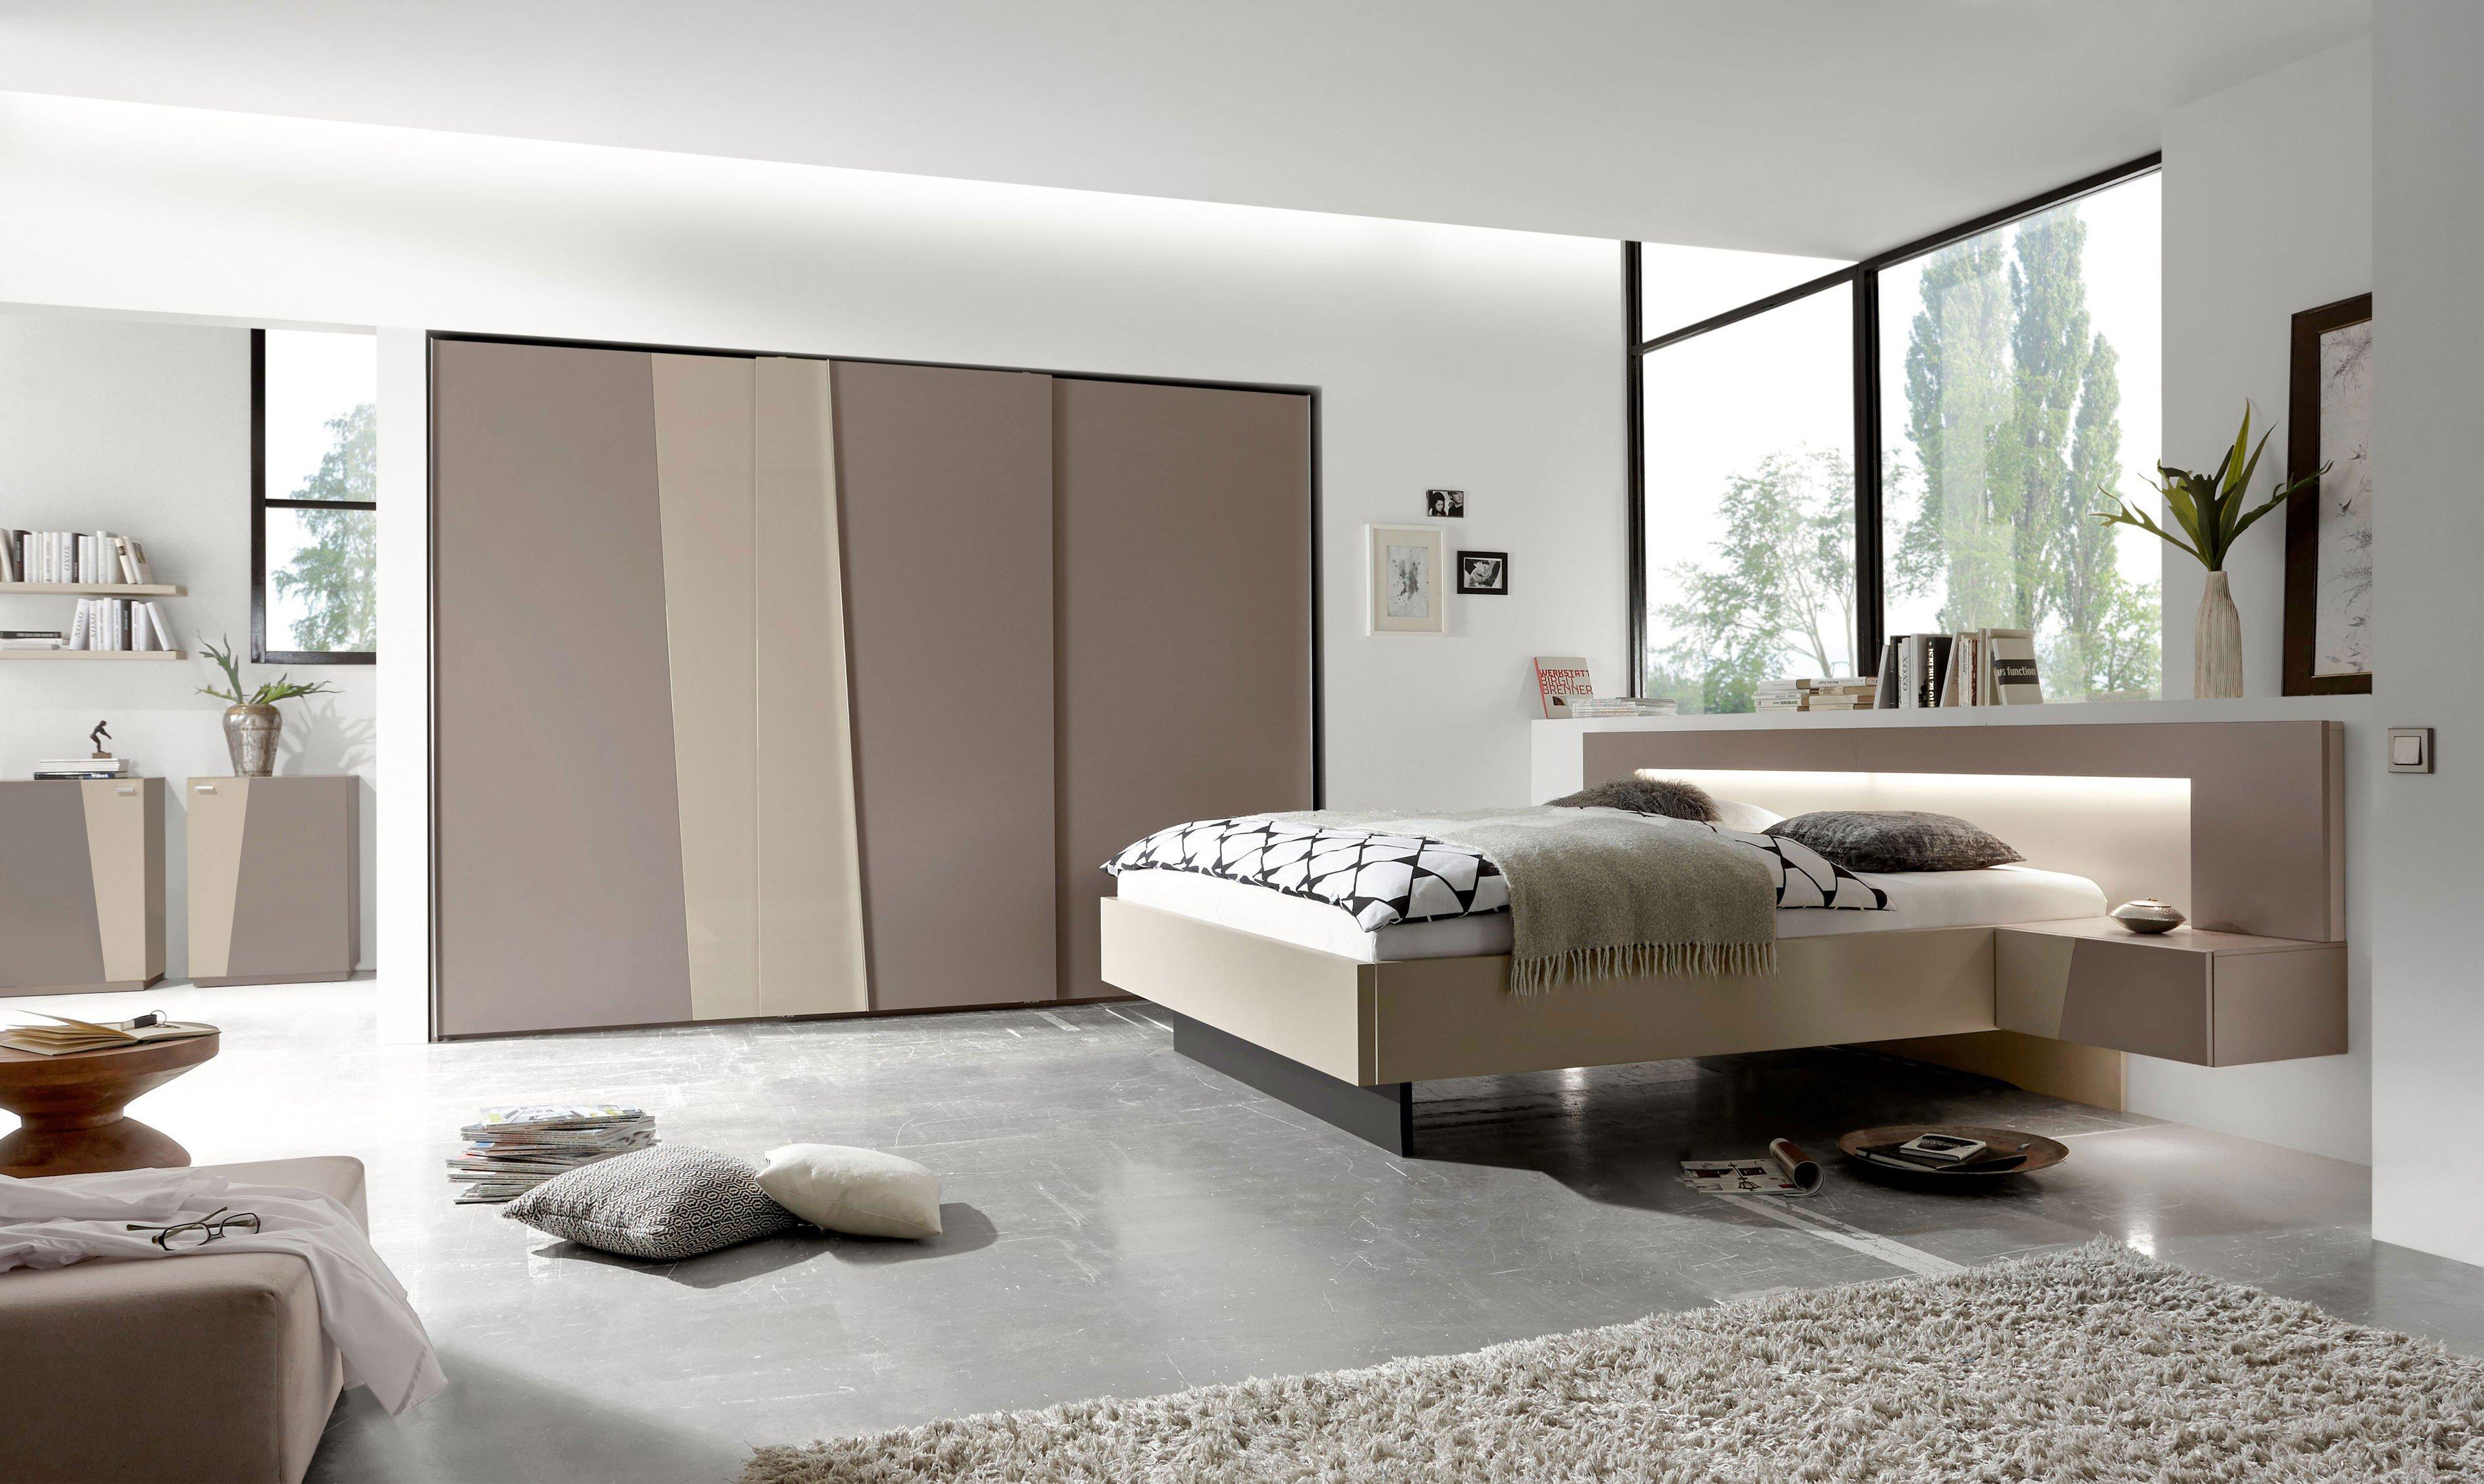 loddenkemper slash schlafzimmer set 2 teilig m bel letz ihr online shop. Black Bedroom Furniture Sets. Home Design Ideas